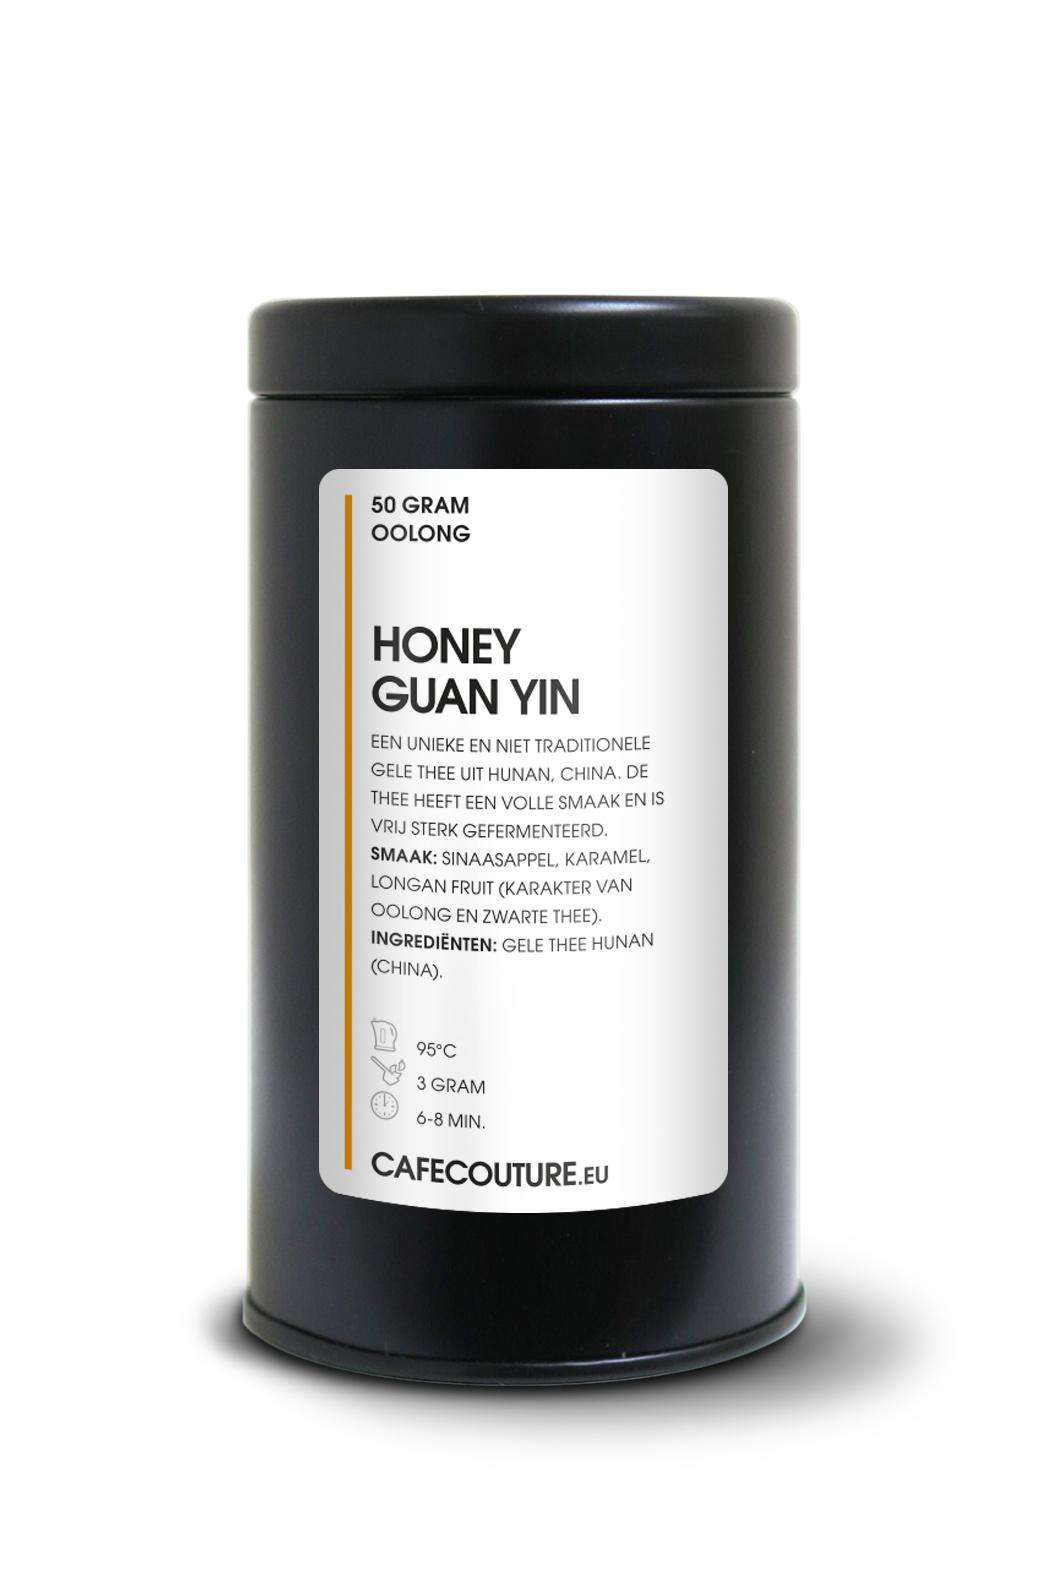 Honey Guan Yin Yellow